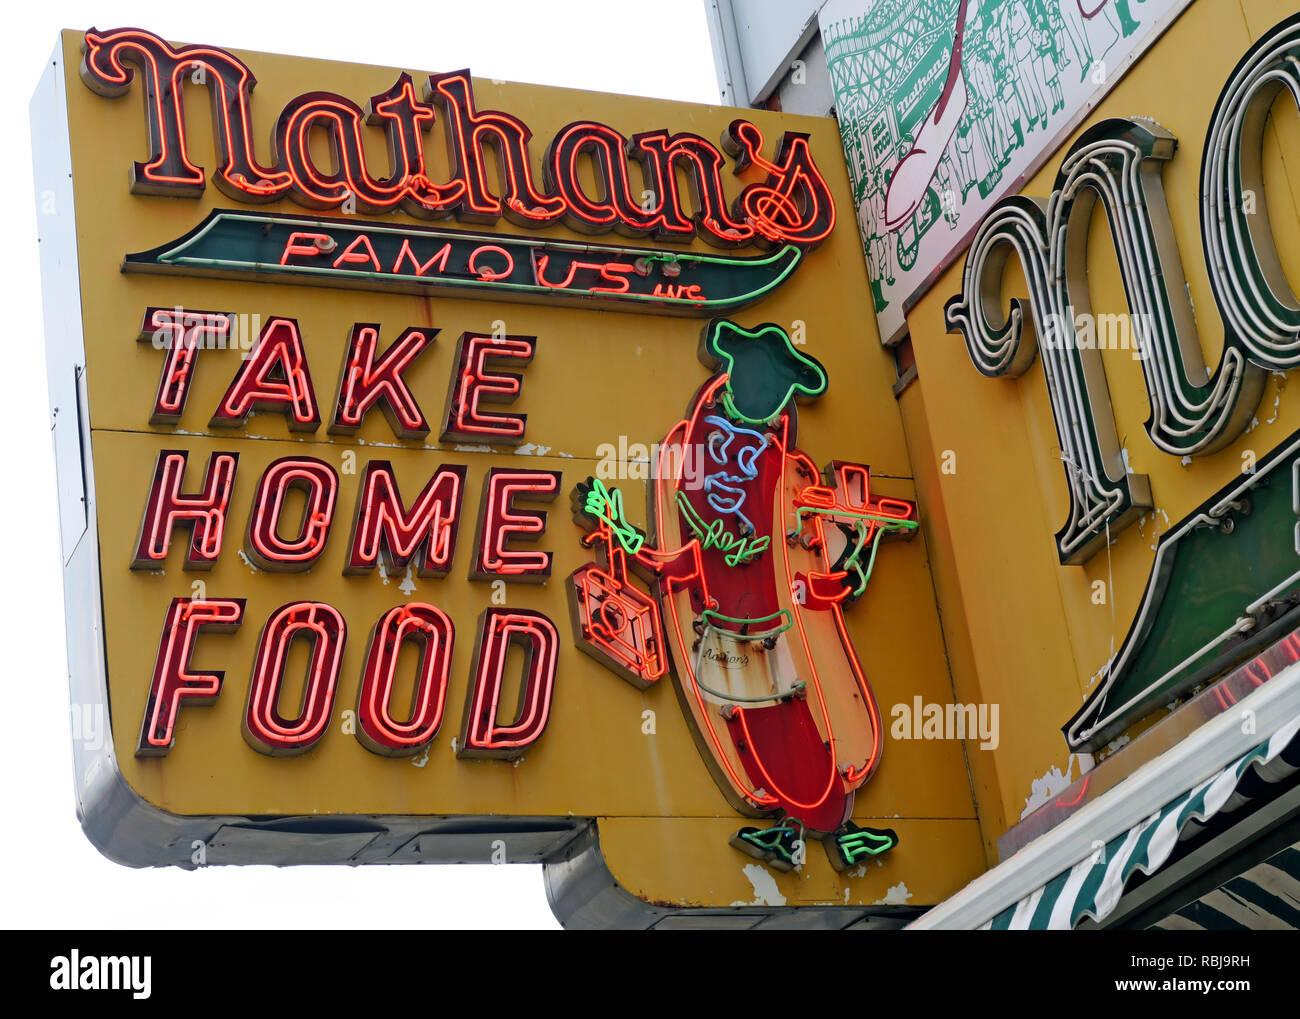 @HotpixUK,HotpixUK,GoTonySmith,NY,New